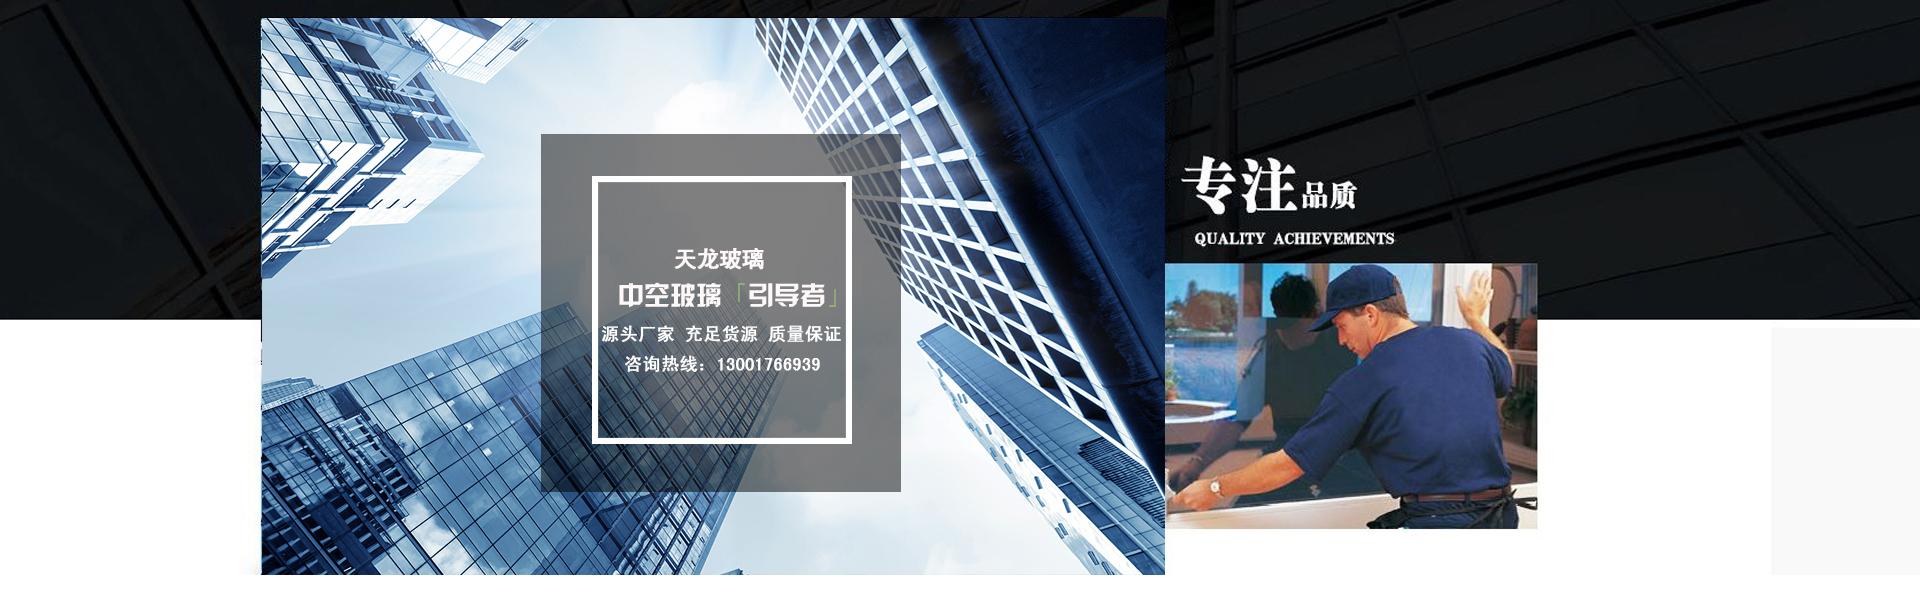 葡京网址pj9656.com